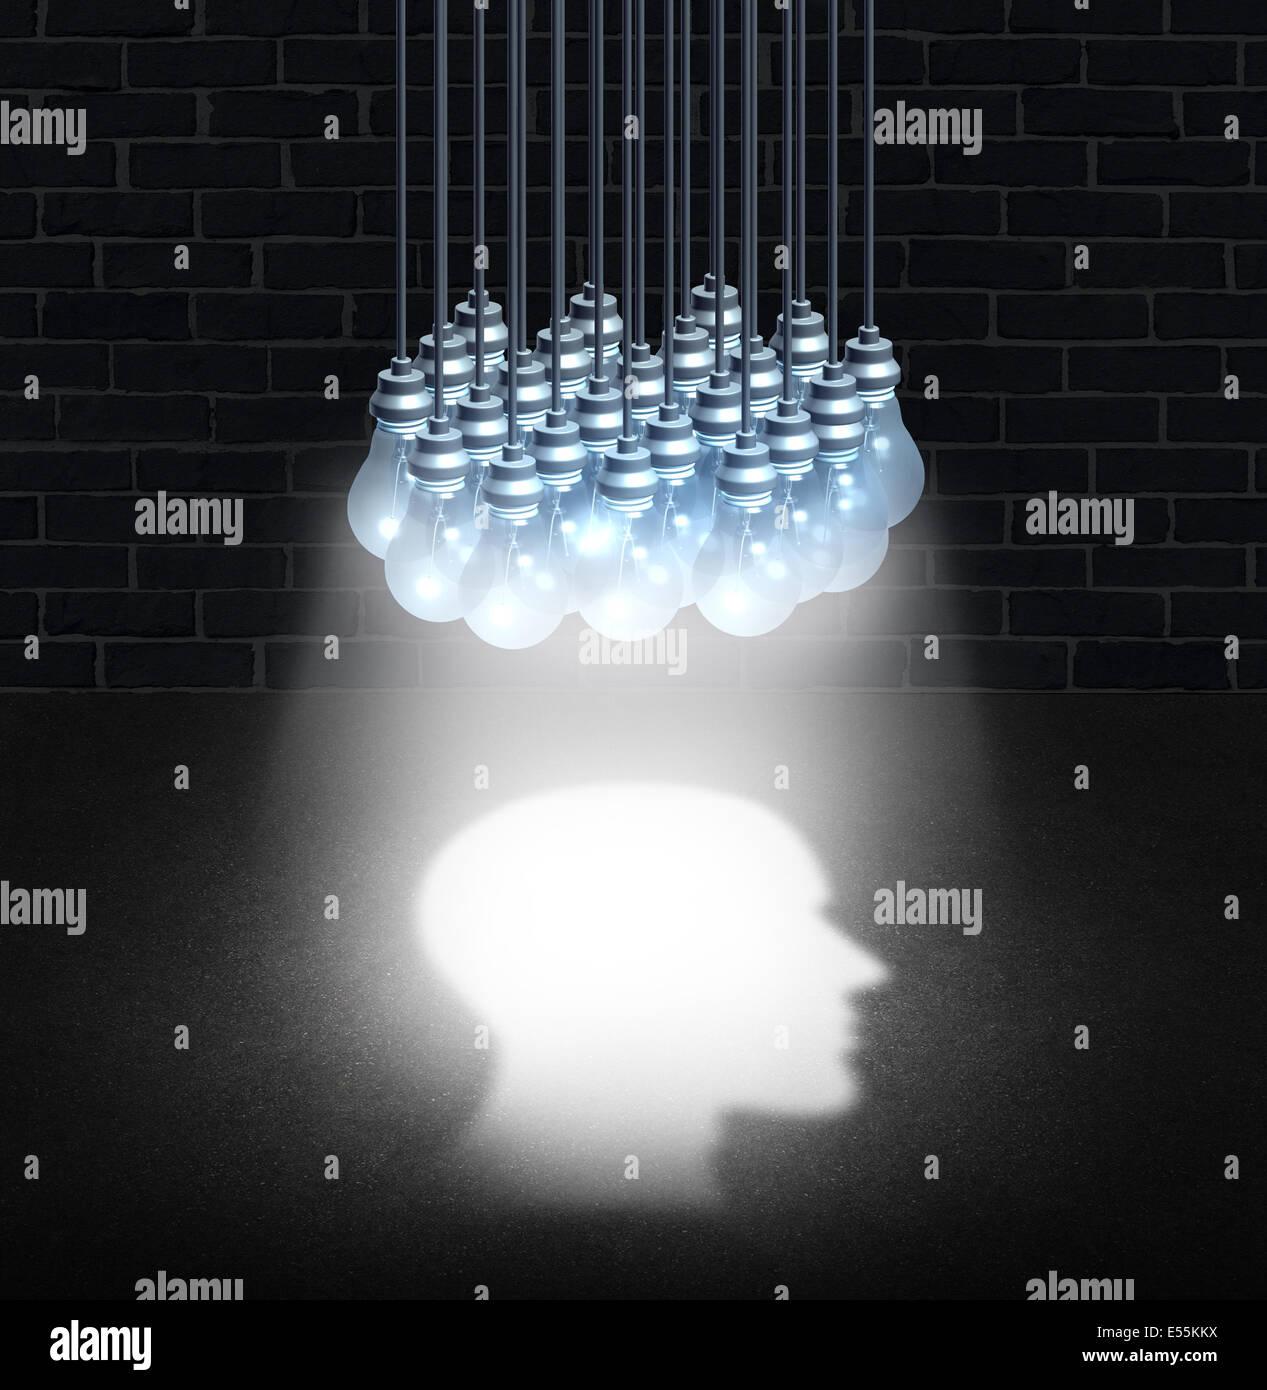 Denken-Gruppe und Team arbeiten Kreativität Konzept als eine Reihe von Glühbirnen arbeiten zusammen shinning Stockbild